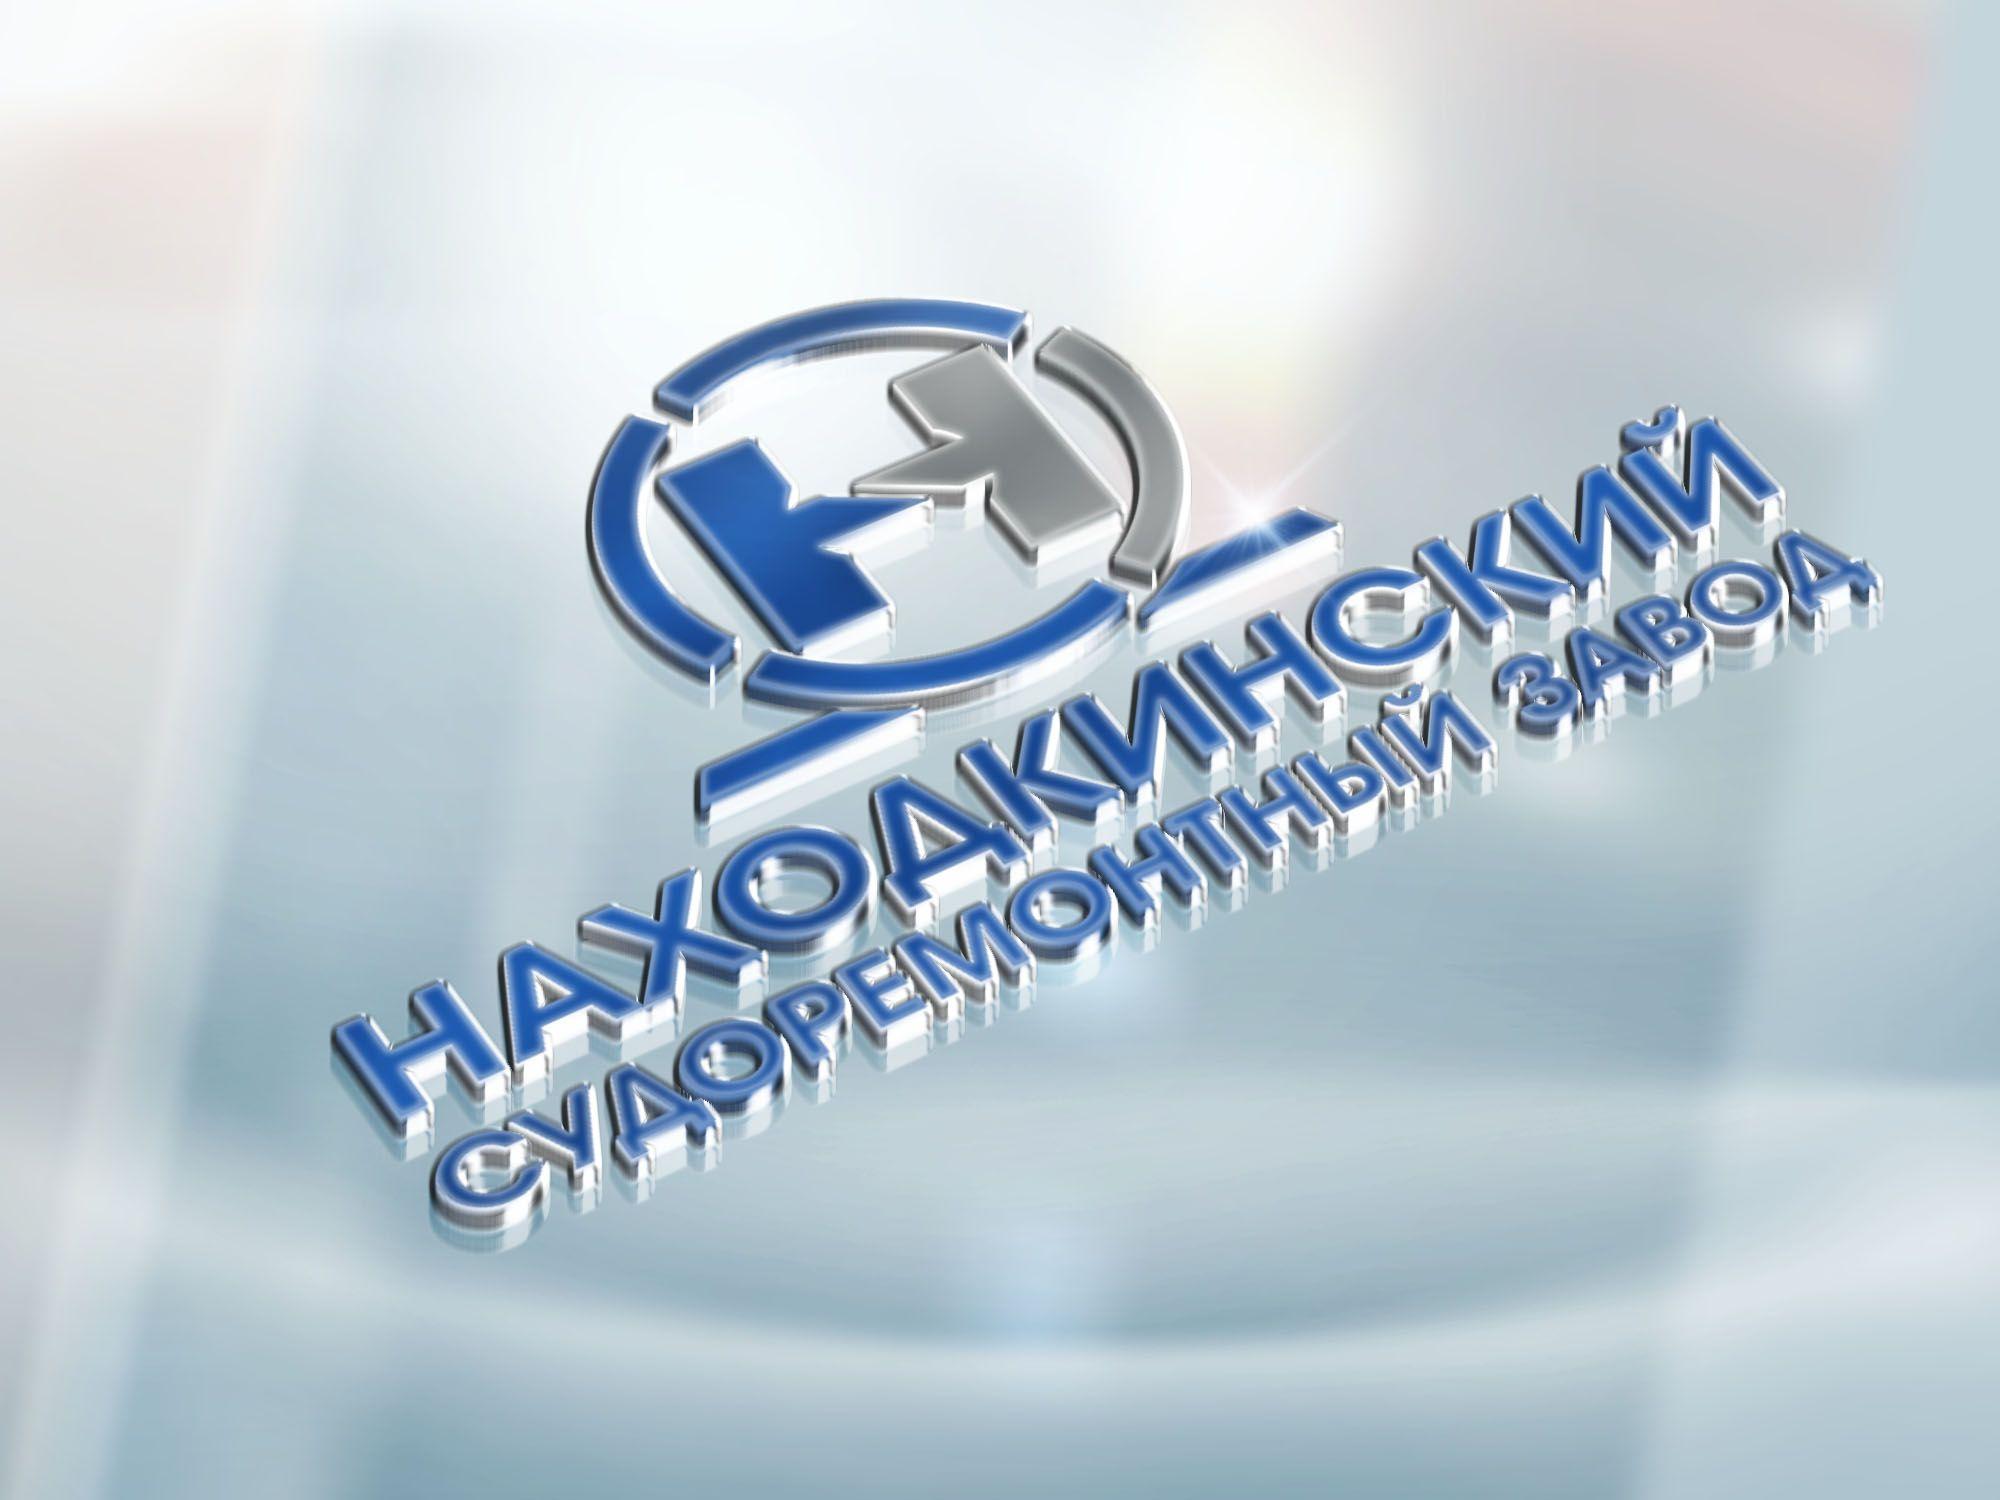 Лого и фирменный стиль для НСРЗ - дизайнер voenerges